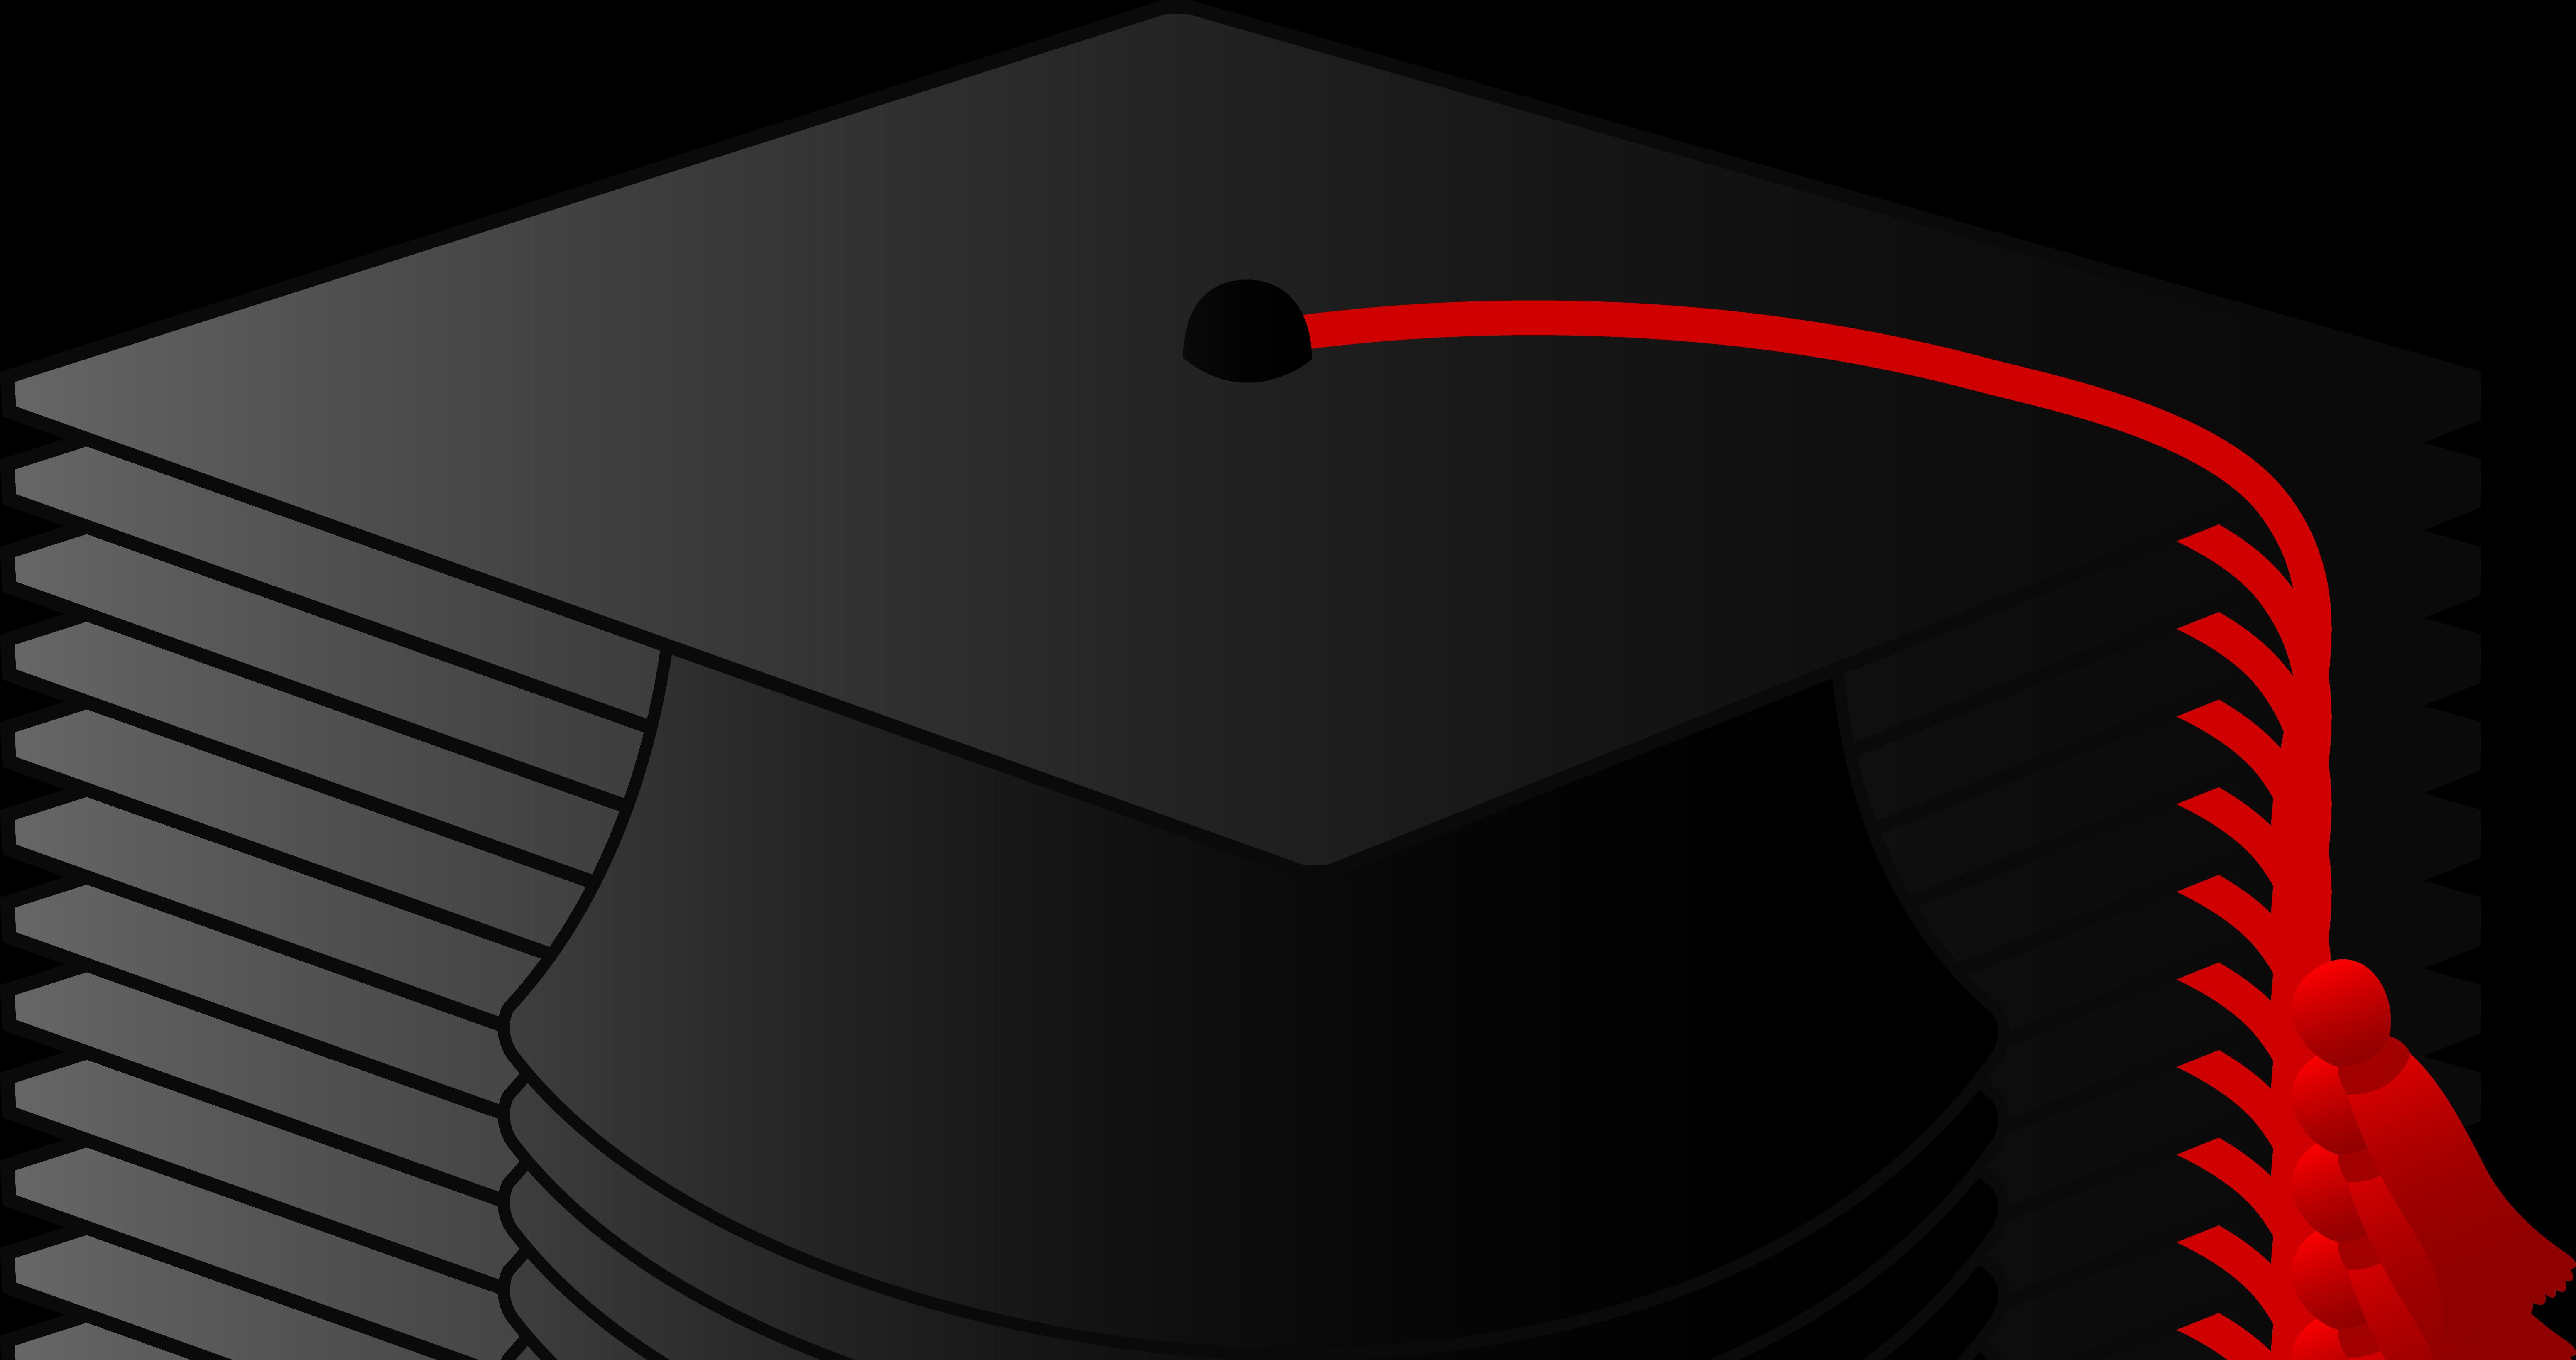 Graduation cap cartoon. Showing post media for